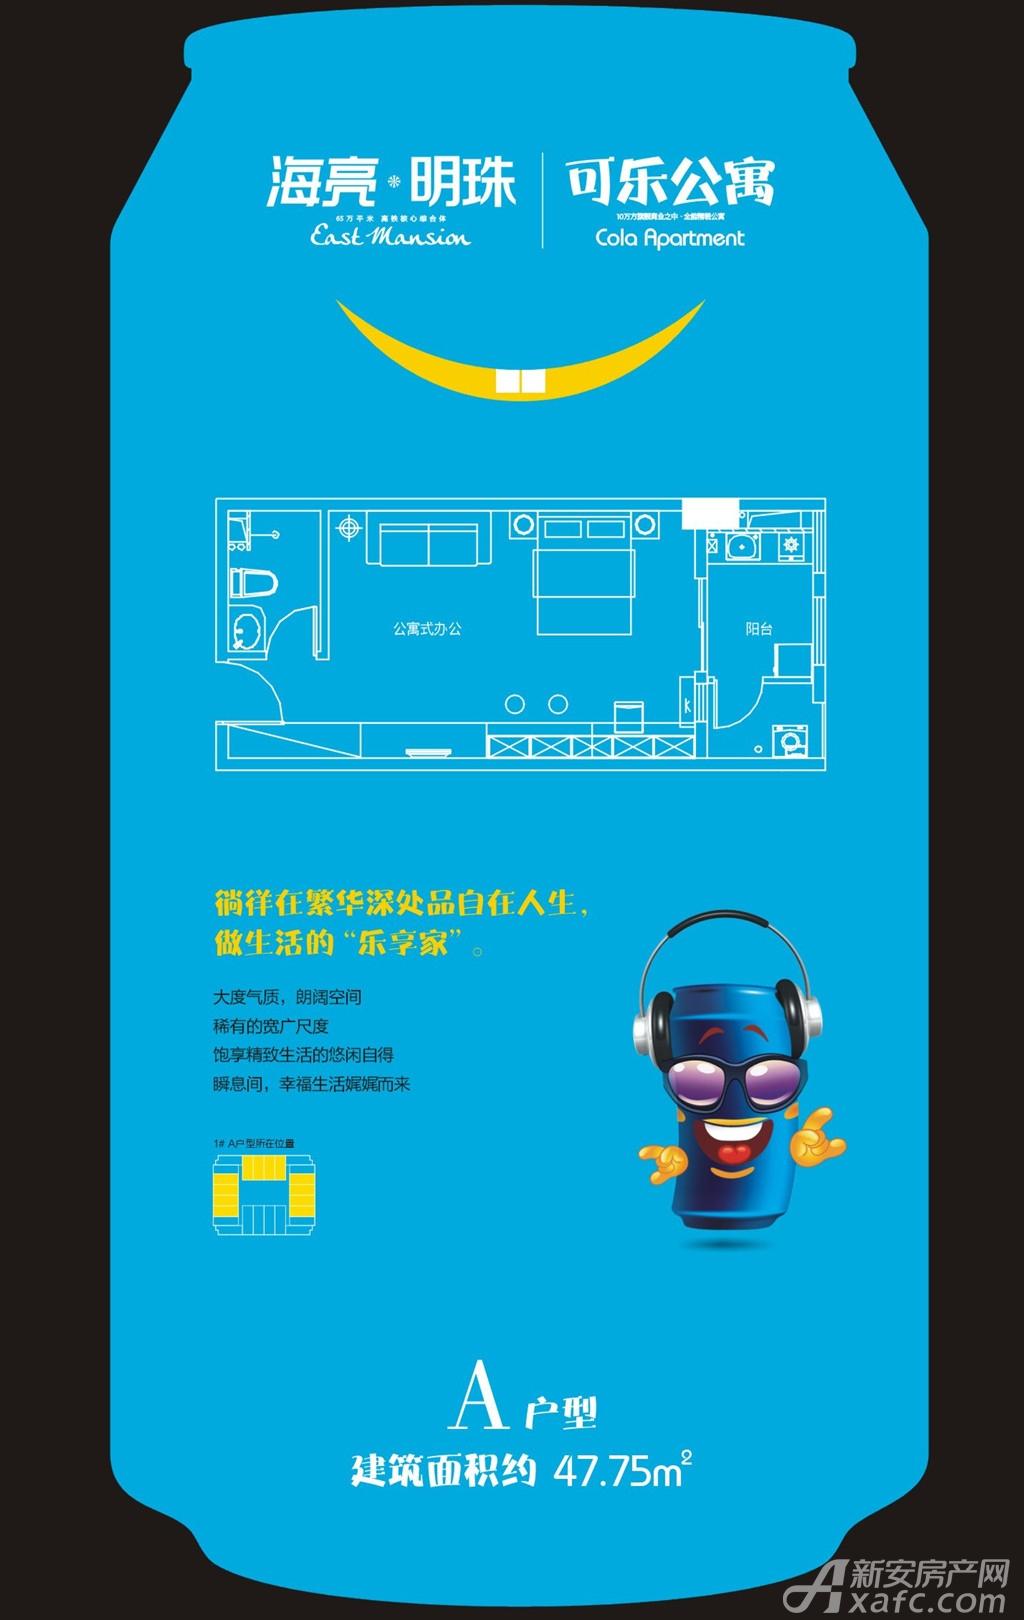 海亮明珠A(公寓)户型1室1厅47.75平米